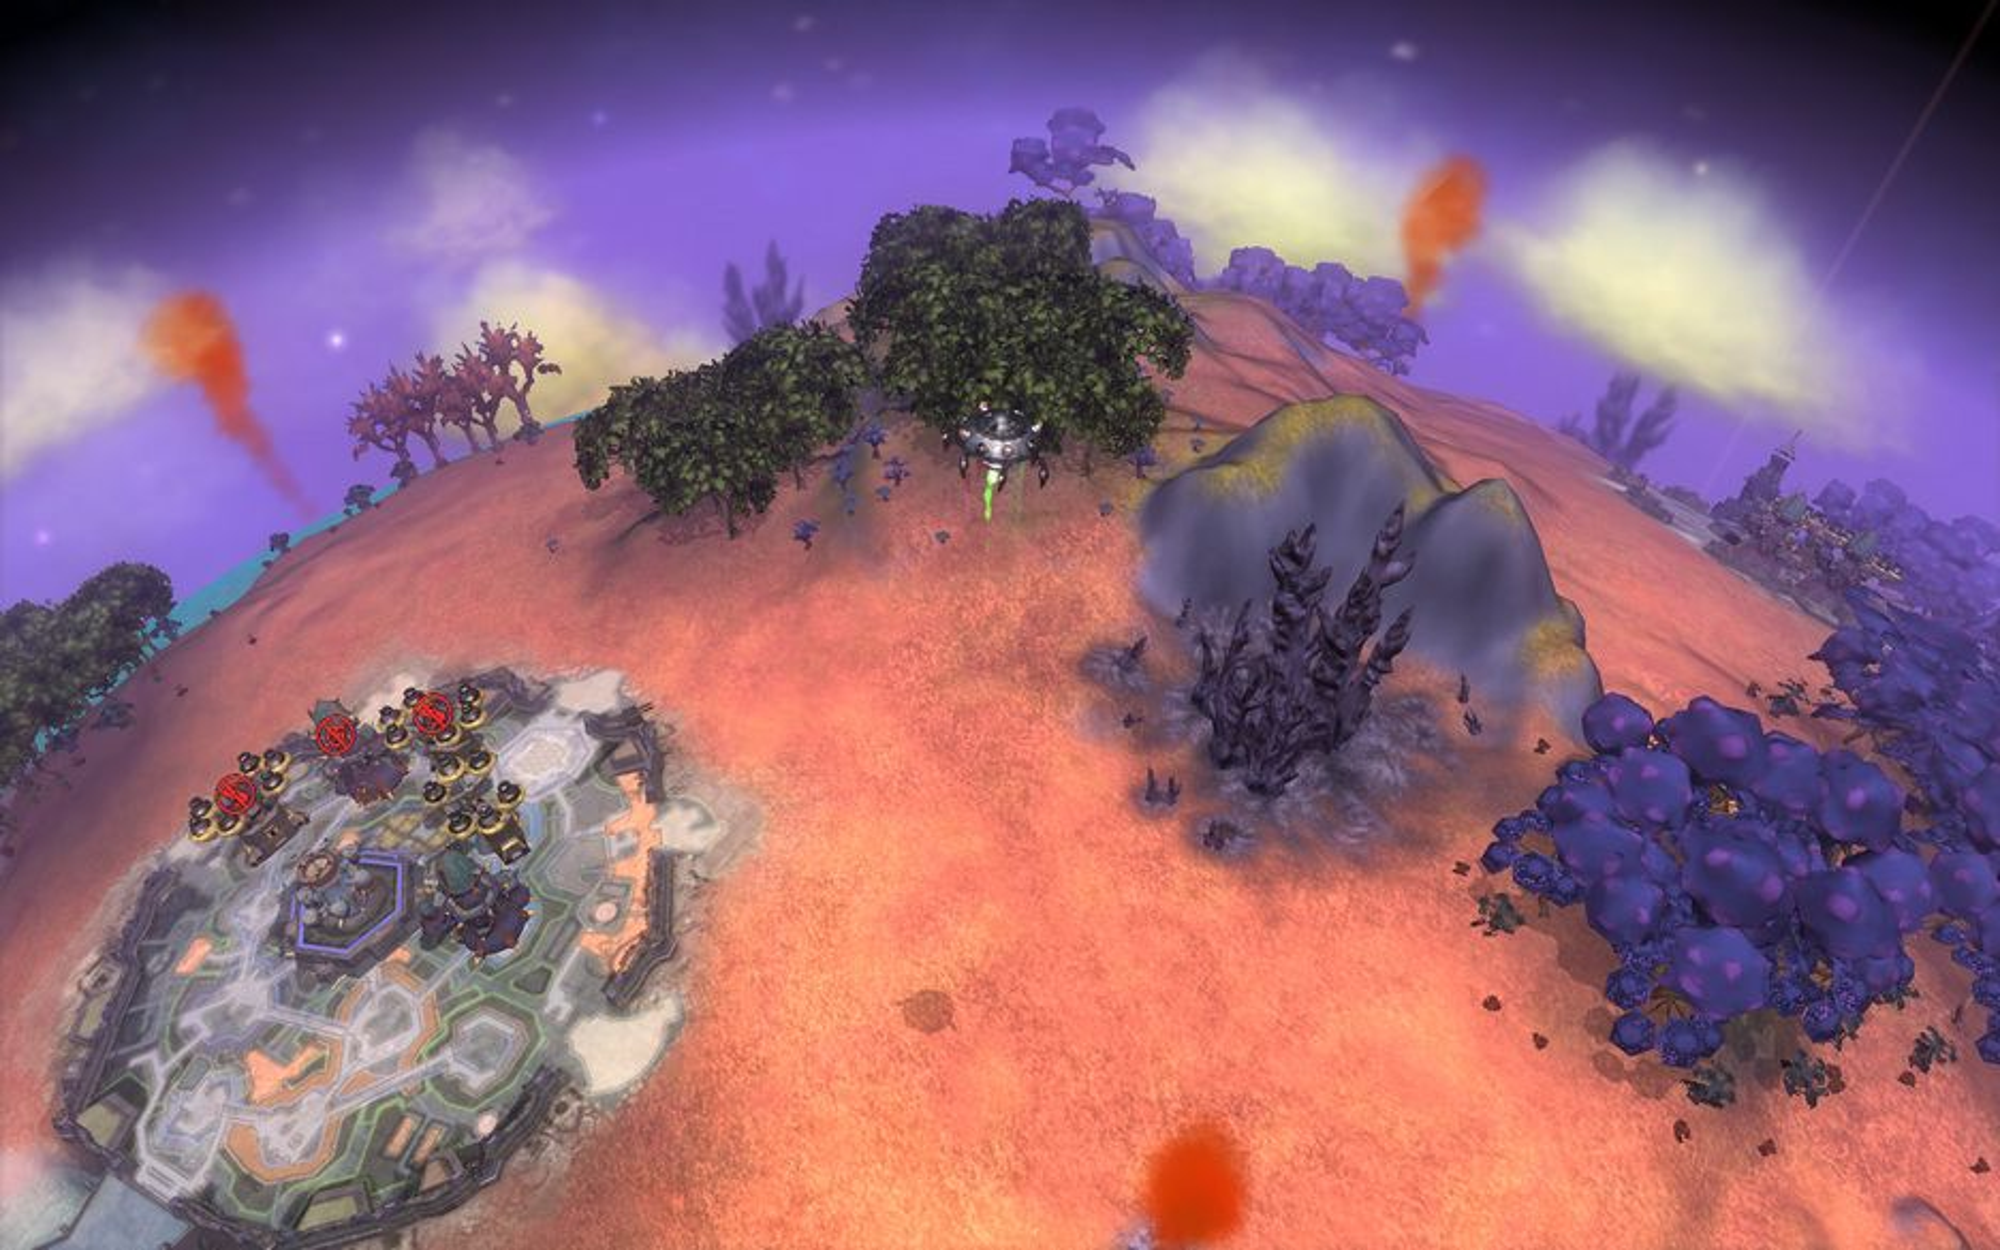 Nærmere 2 millioner mennesker har lastet ned Will Wrights evolusjons-spill Spore i år. Det plasserer spillet på toppen av pirat-lista.